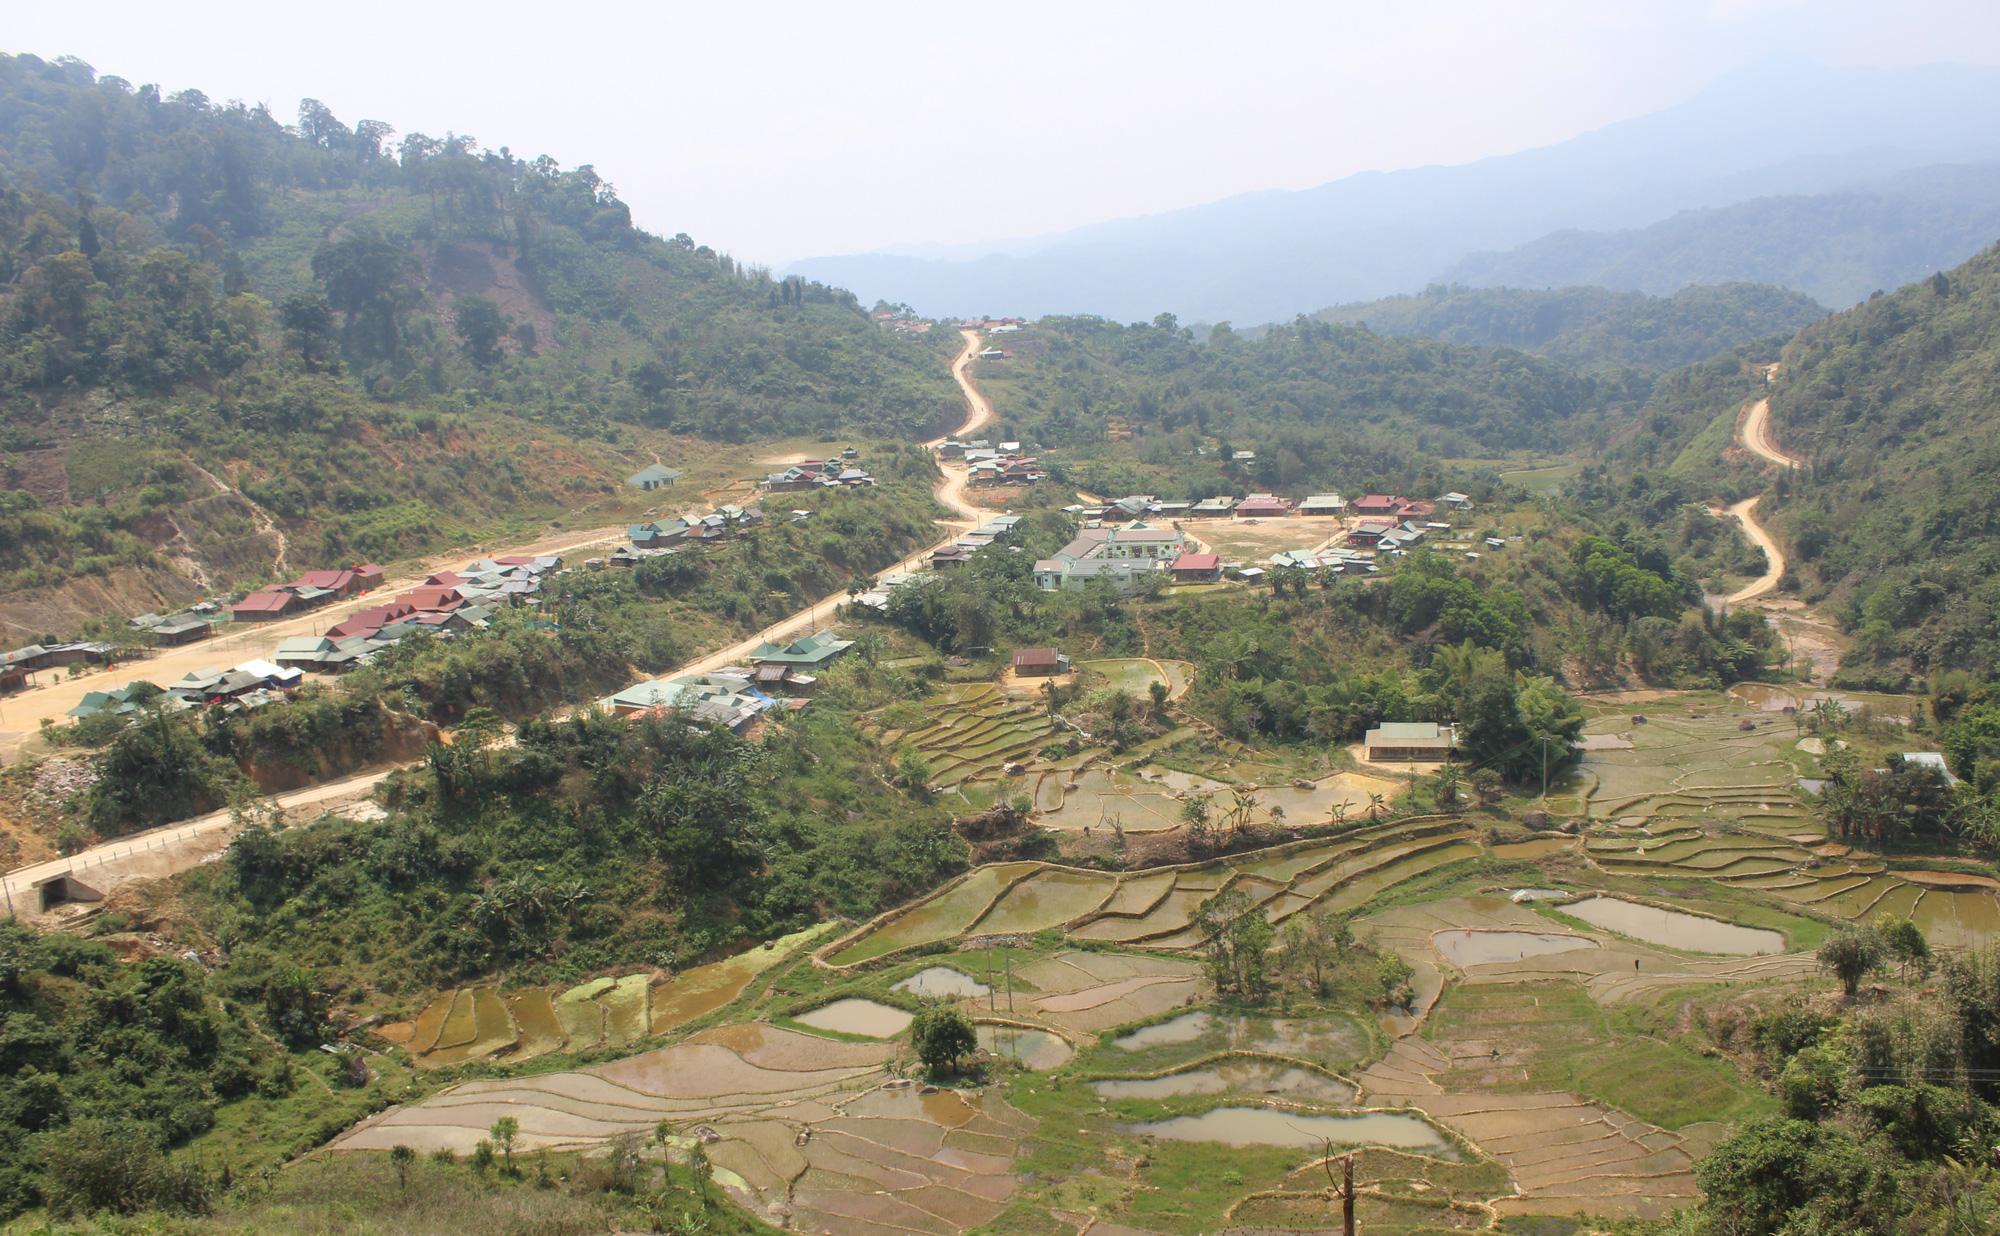 Quảng Nam: Các huyện miền núi gặp khó khăn trong việc xây dựng chính quyền điện tử - Ảnh 3.